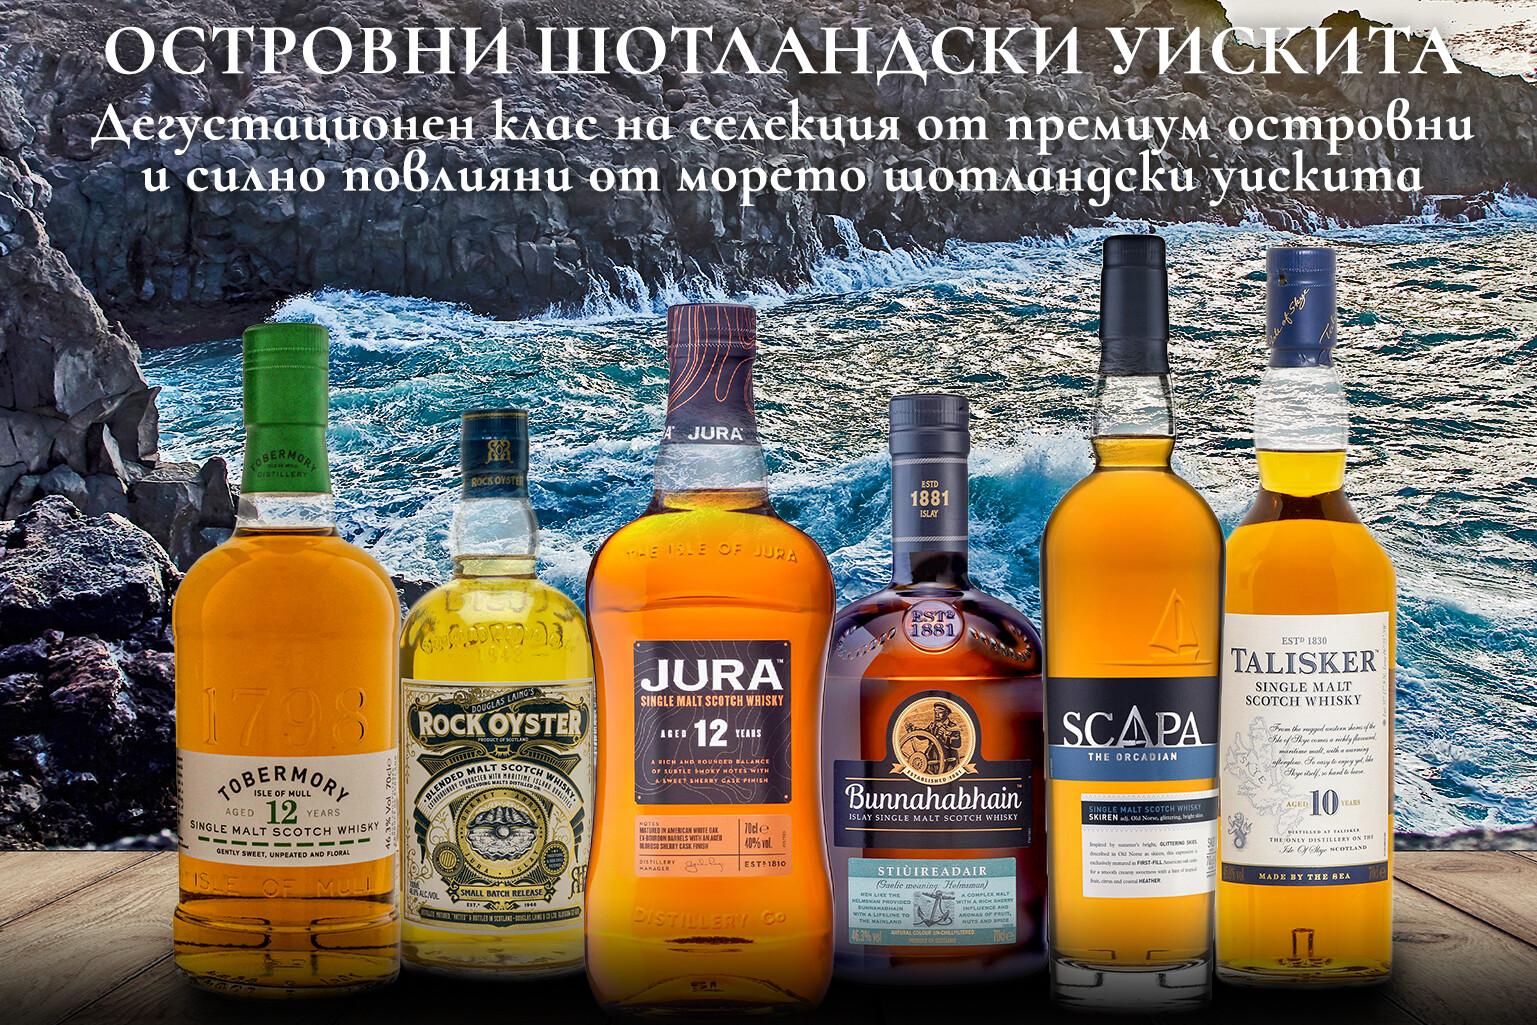 Островни шотландски уискита